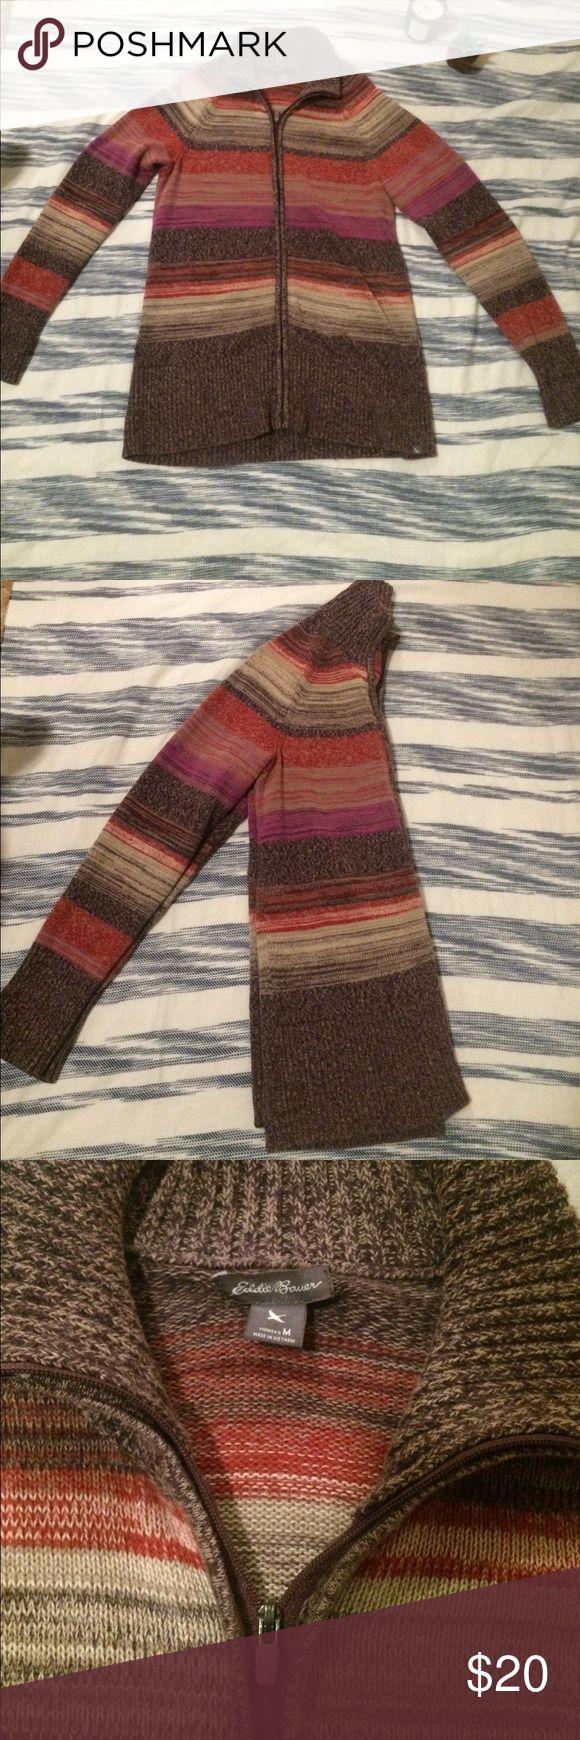 Sweater Super cute Eddie Bauer zip up sweater. Size medium. Eddie Bauer Sweaters